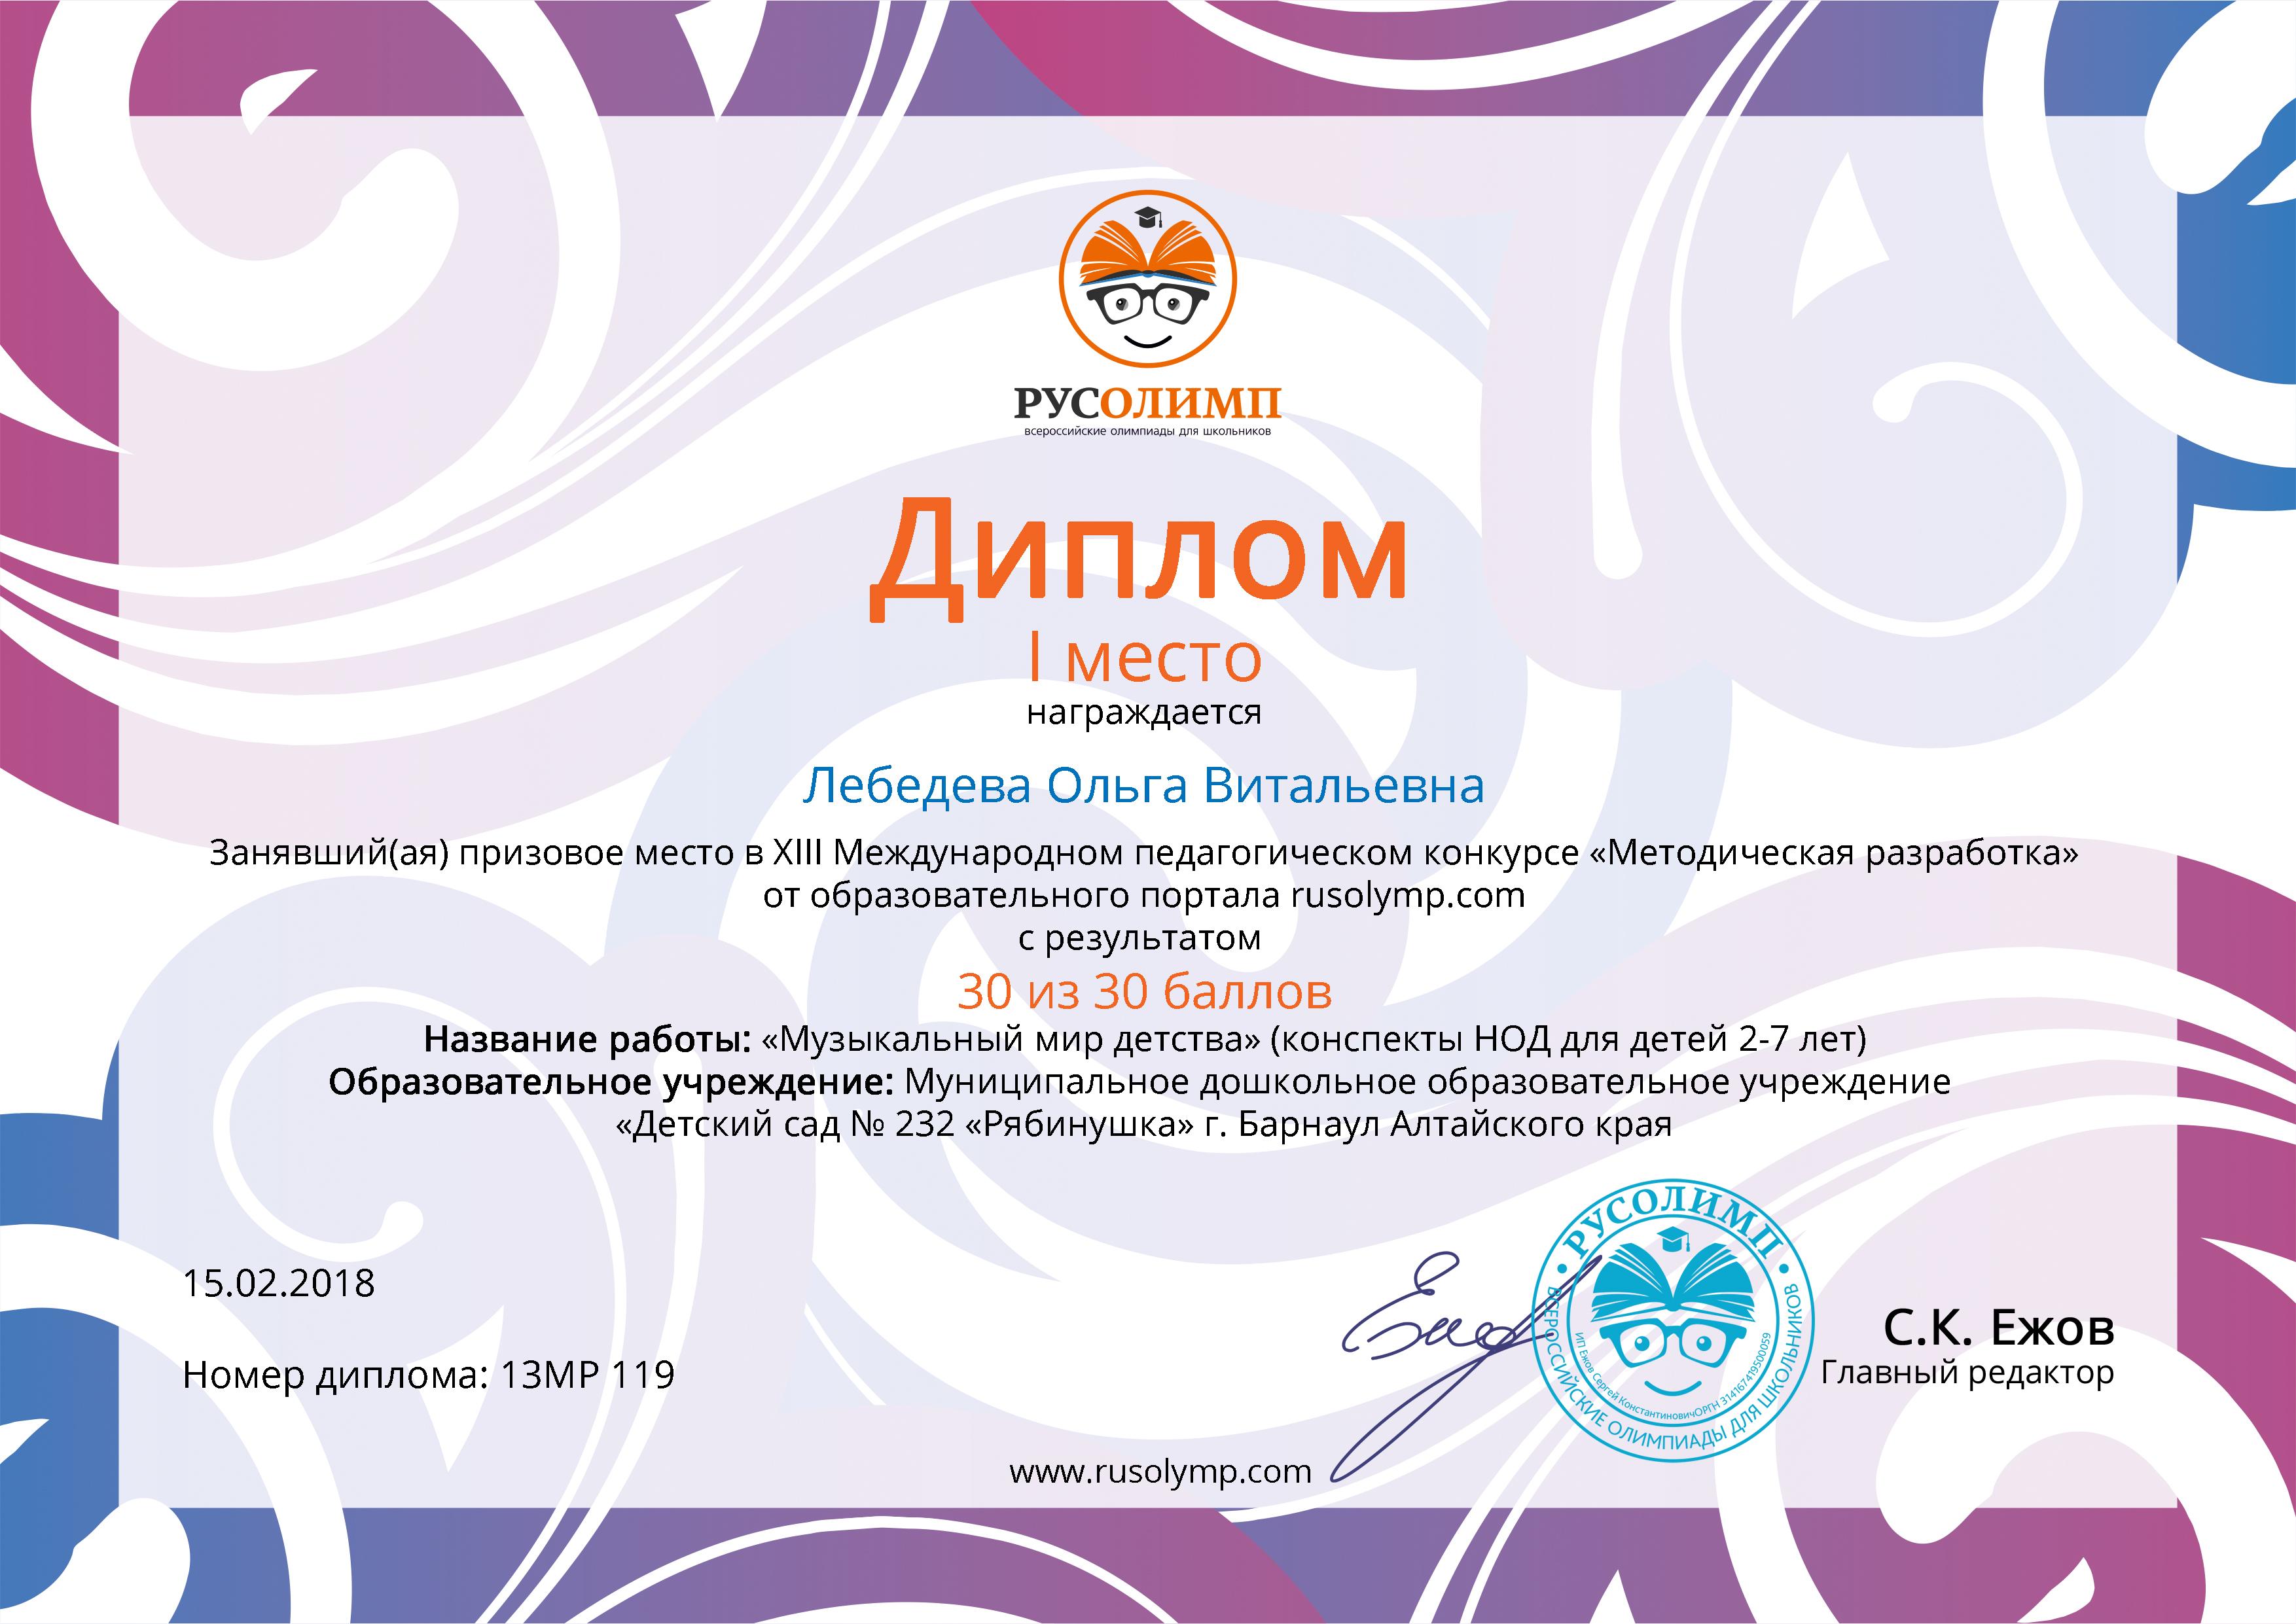 Диплом-конкурса-Методическая-разработка-Русолимп-2018г